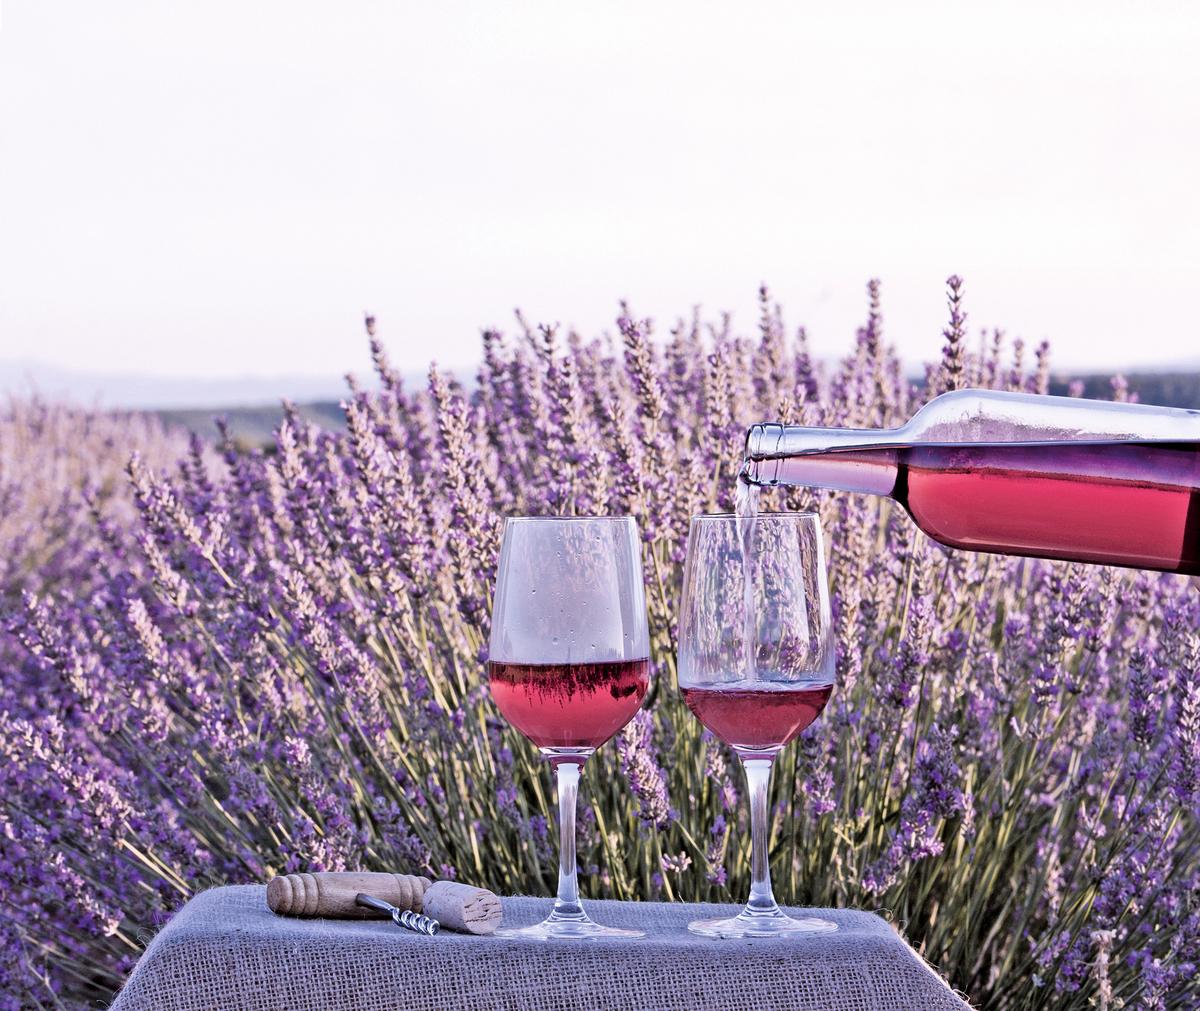 法國的Provence是露茜酒的經典產釀地。